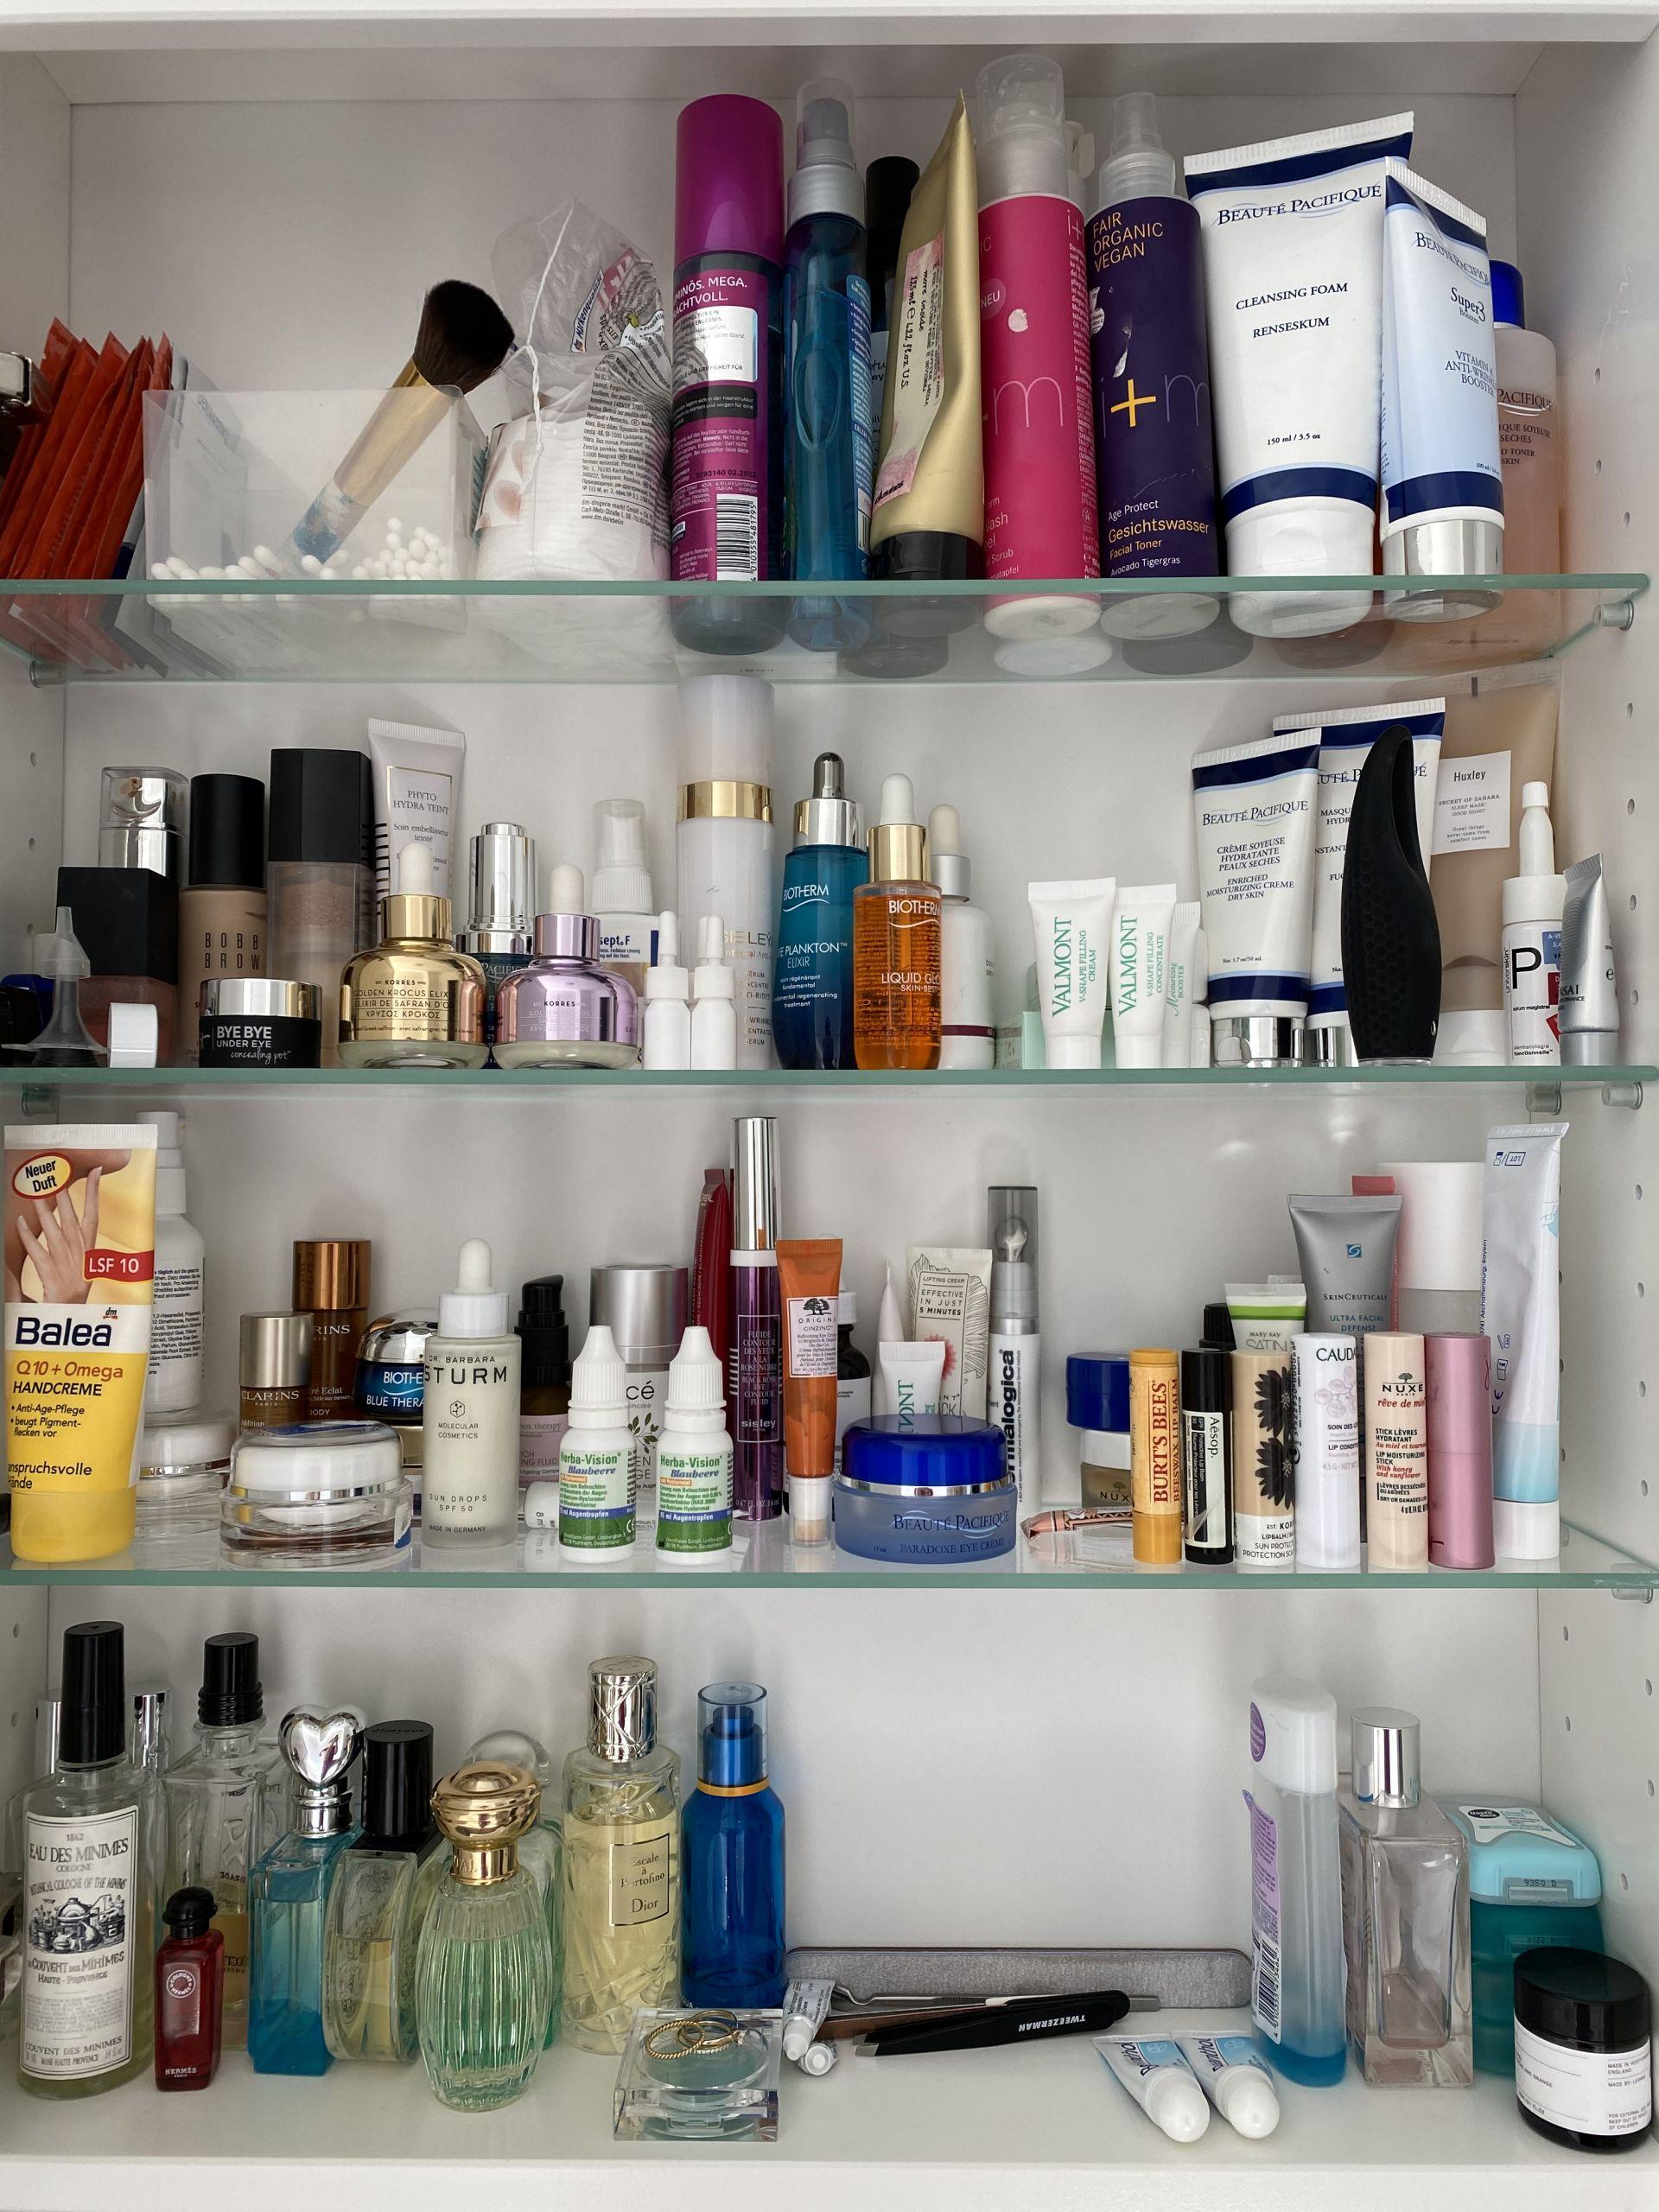 glamupyourlifestyle Hautpflege Sonnenschutz trockene-Haut Blue Therapy-Erfahrung ue-40-blog ue-50-blog